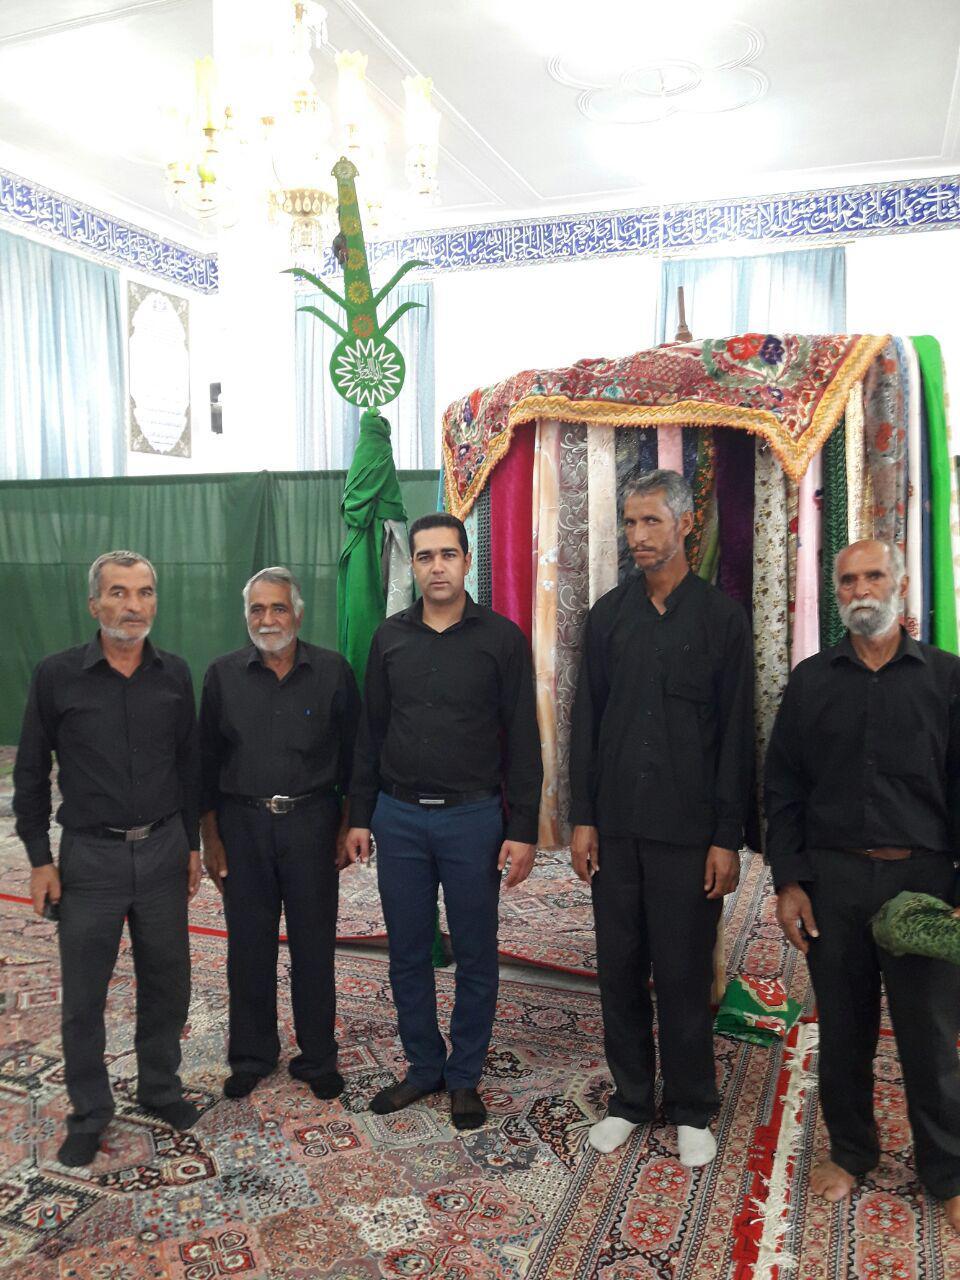 سنت دیرینه  شهده بندان  و علم گردانی در محله صادقیون رفسنجان